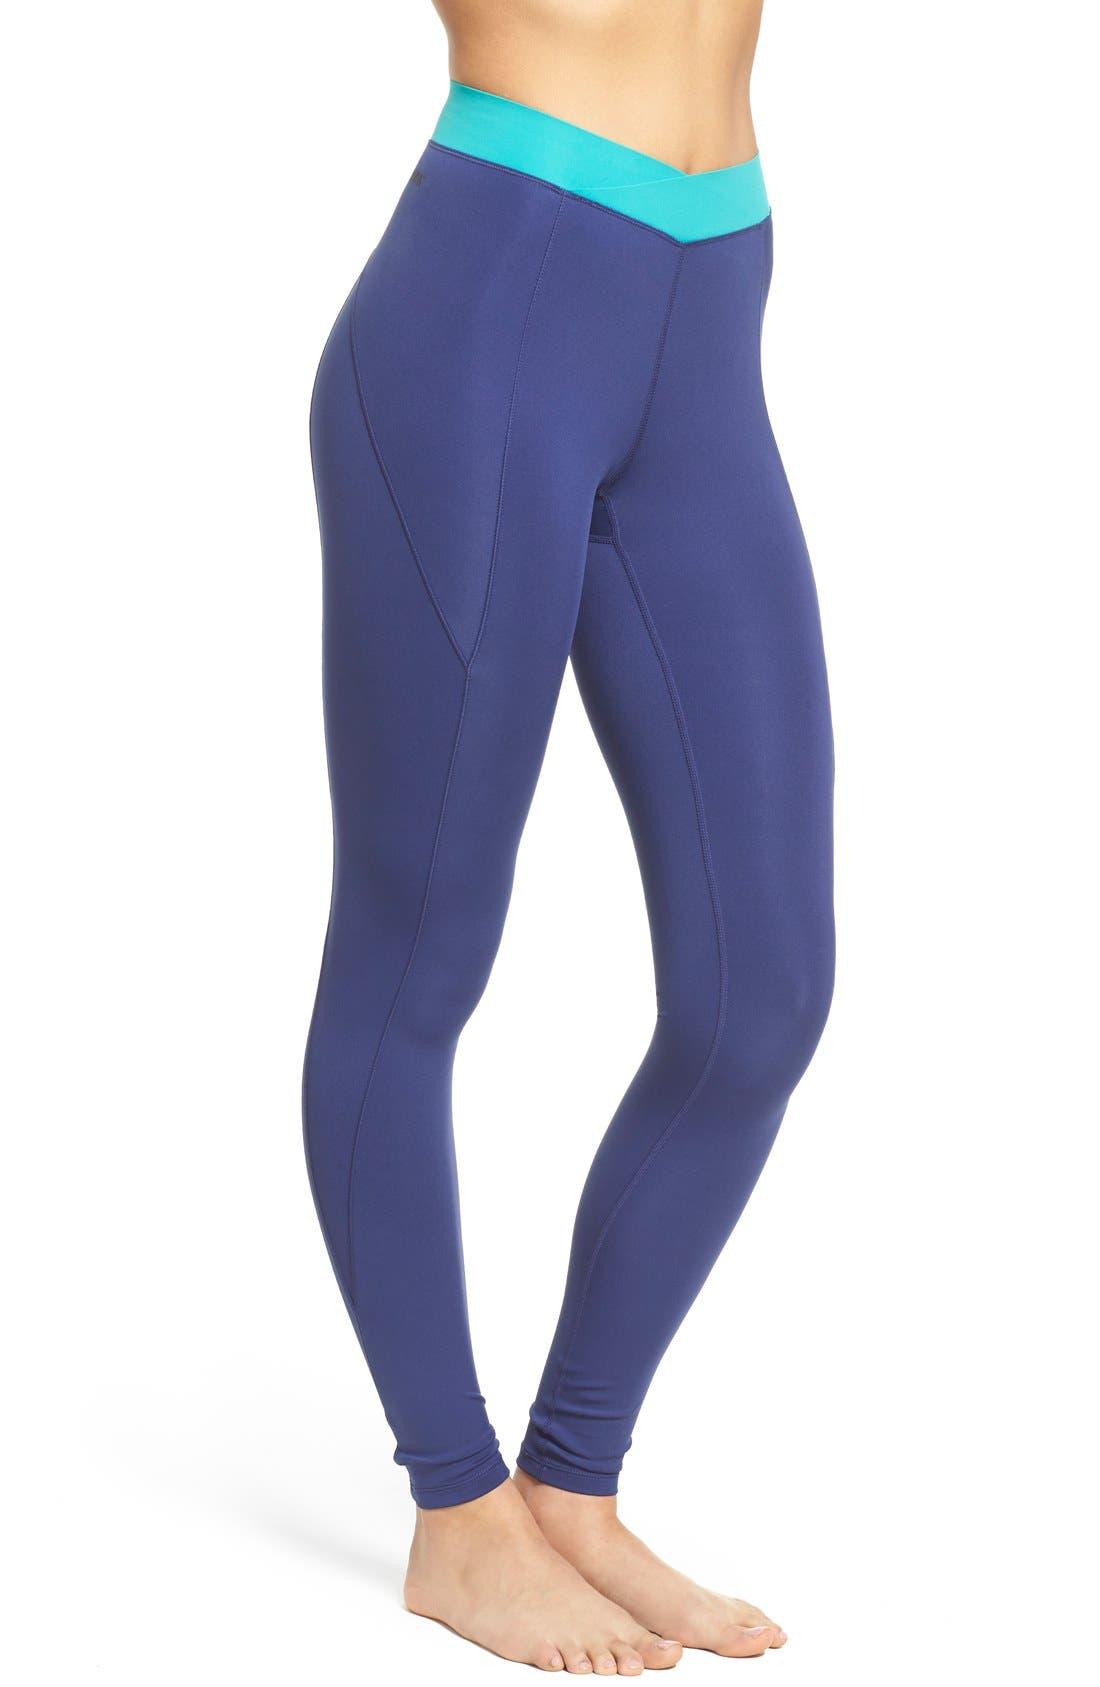 Alternate Image 3  - IVY PARK® V-Waistband Leggings